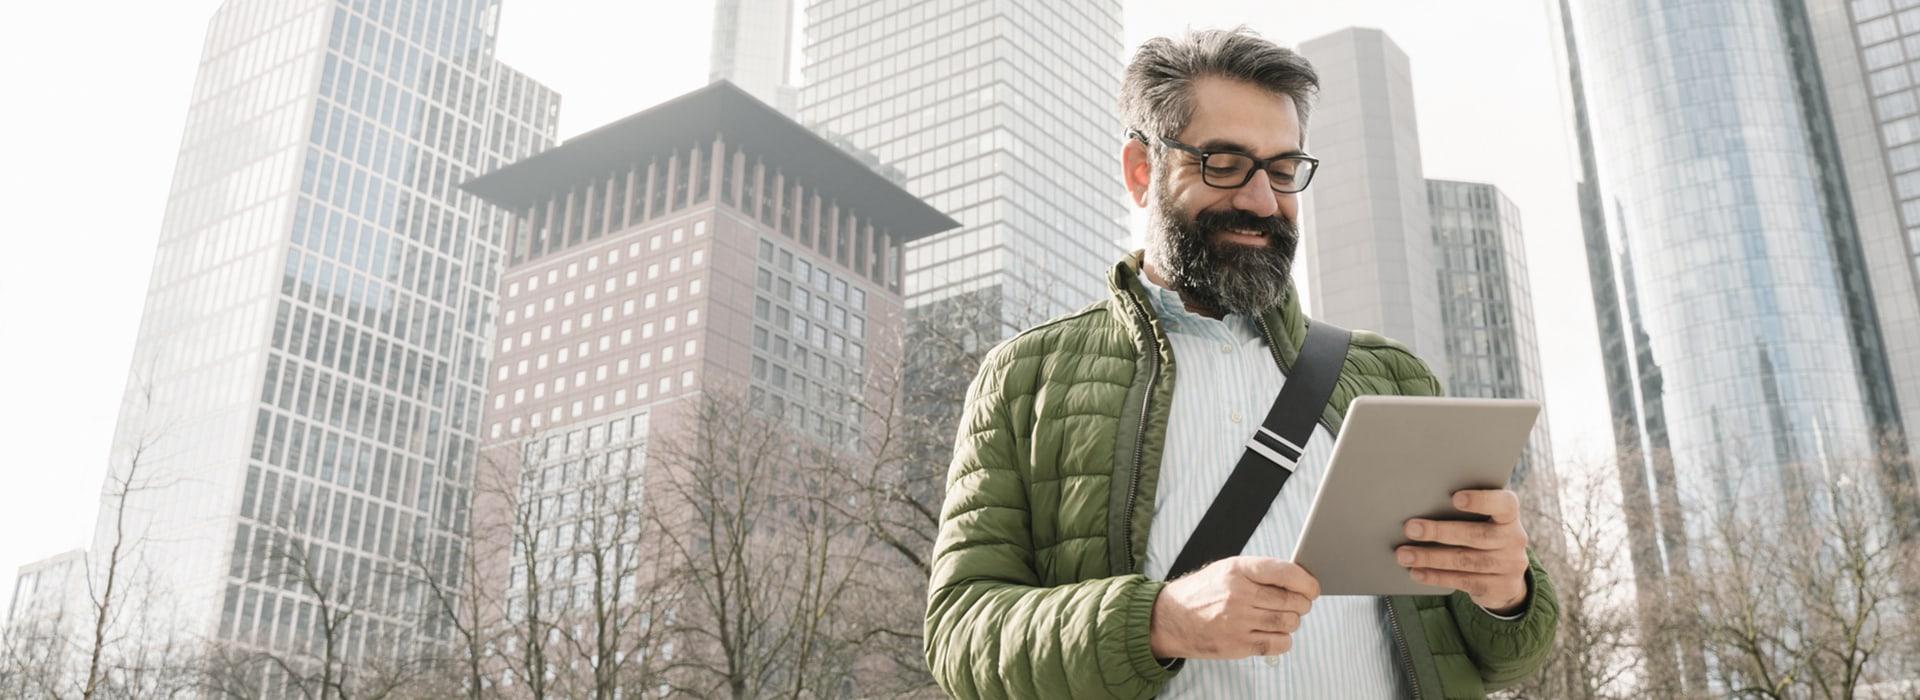 Mann schaut auf Tablet vor der Skyline von Frankfurt